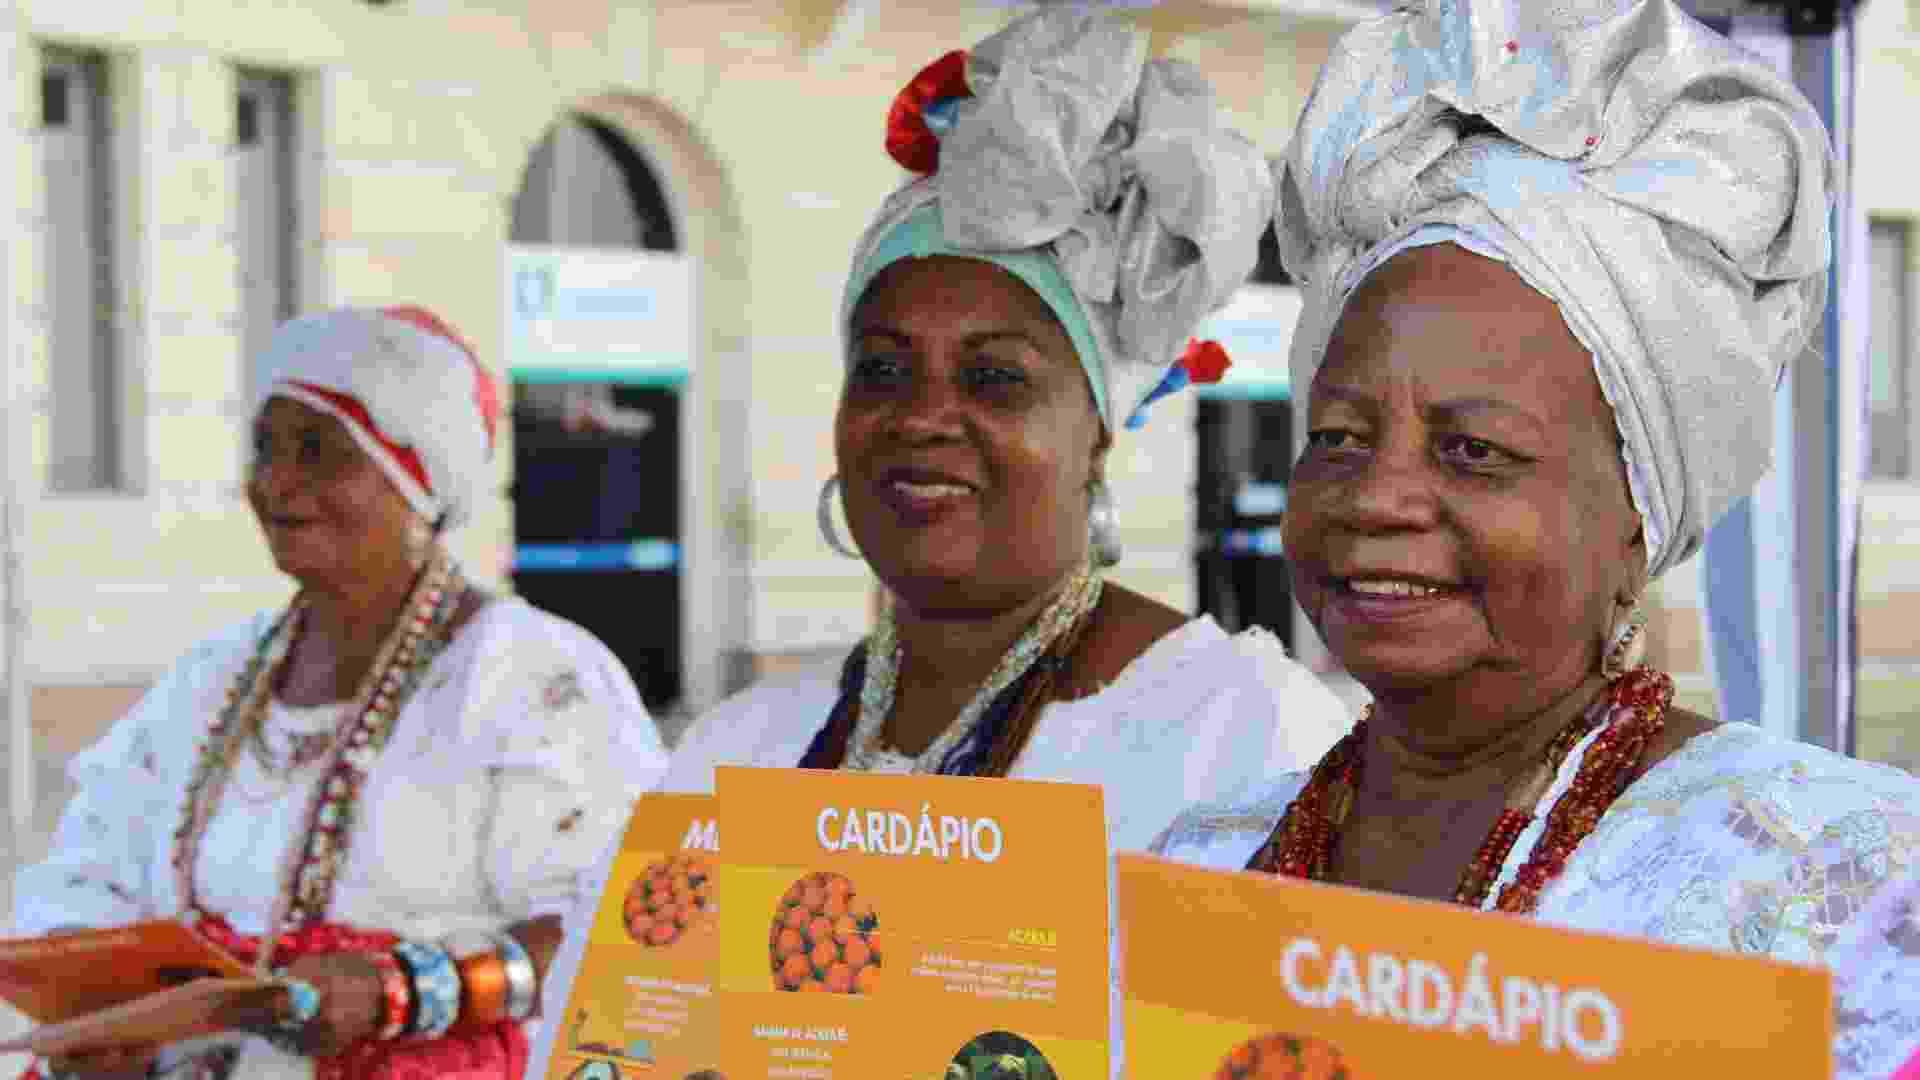 Baianas do acarajé ganham cardápio em português, inglês e espanhol - Divulgação/Mateus Pereira